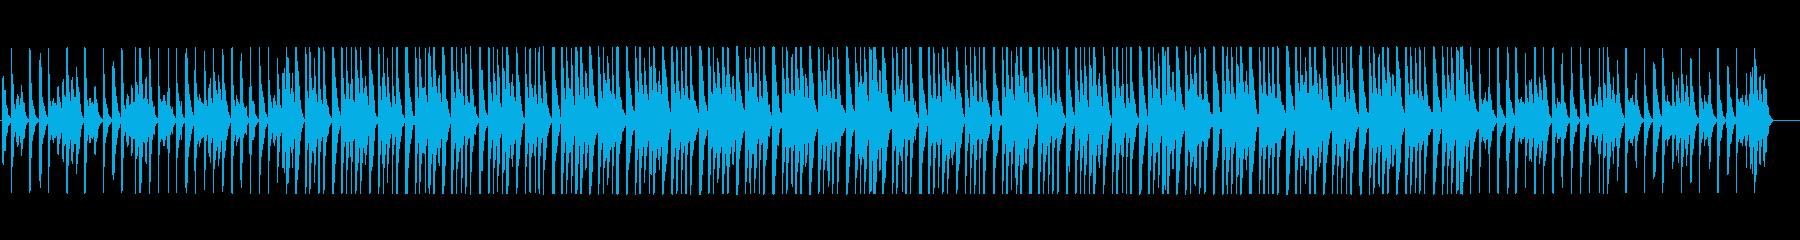 手拍子とピッチカート ウキウキなBGM②の再生済みの波形